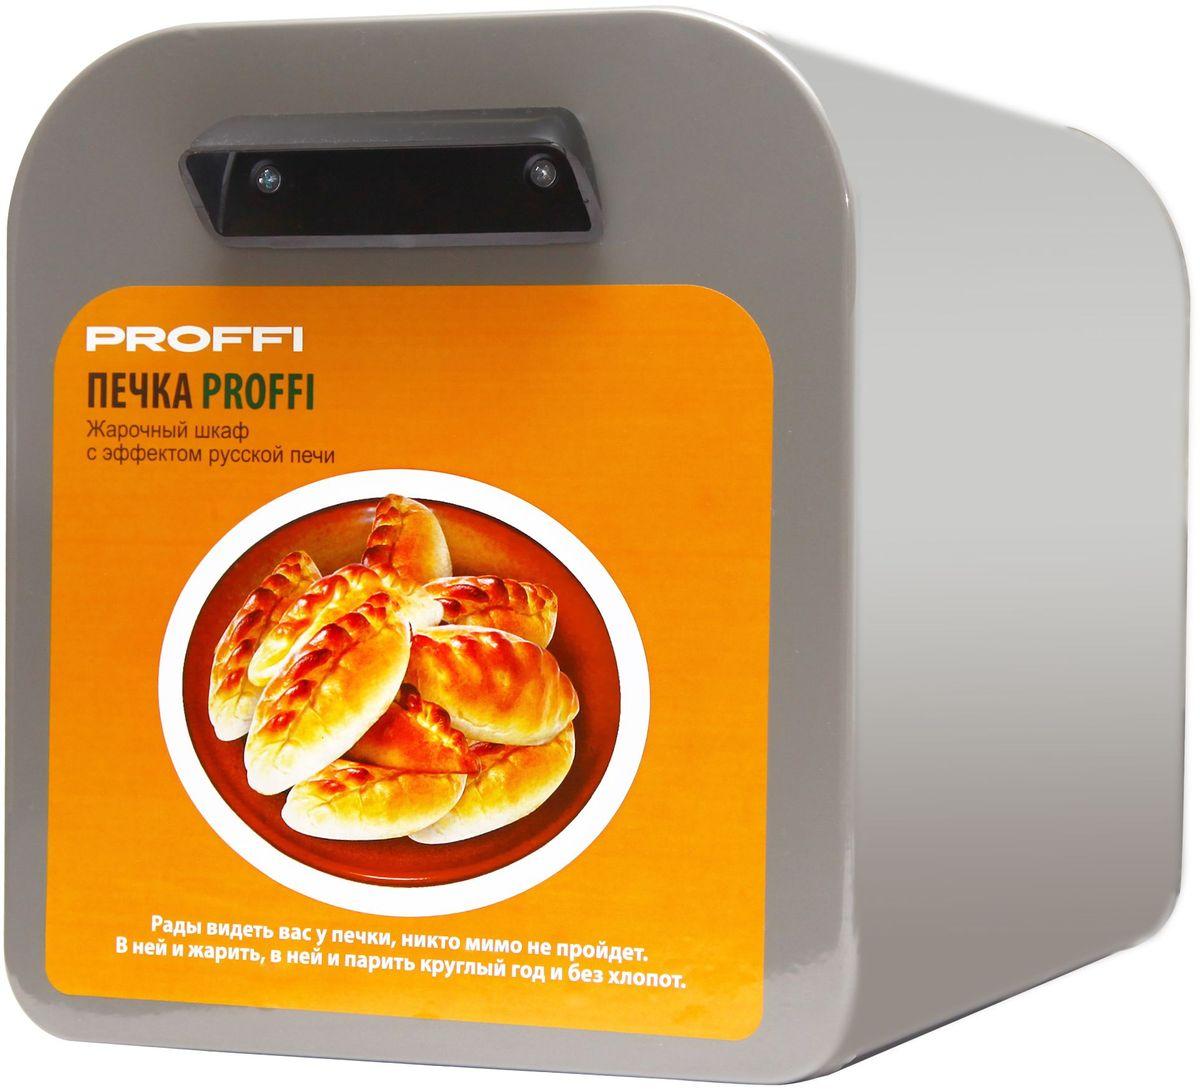 Печка Proffi. PH7567PH7567Печка PROFFI предназначена для выпечки в домашних условиях различных изделий из теста, а также для запекания картофеля и приготовления блюд из мяса, птицы, рыбы. Также в нем можно сушить ягоды, грибы и фрукты. Эффект русской печки.Основные преимущества: 1. Высокие вкусовые качества приготовленных блюд. 2. Увеличенный срок службы (до 20 лет). 3. Гарантийный срок - 24 месяца. 4. Низкое энергопотребление.5. Отсутствие микроволн. 6. Легкость и простота эксплуатации. Технические характеристики:Размер жарочного шкафа: 350 x 250 x 280 мм. Внутренние размеры: 315 x 205 x 205 мм. Масса: 6 кг.Номинальное напряжение: 220 В. Номинальная потребляемая мощность: 0,625 кВт. Время разогрева до температуры 250 С: 20 мин.